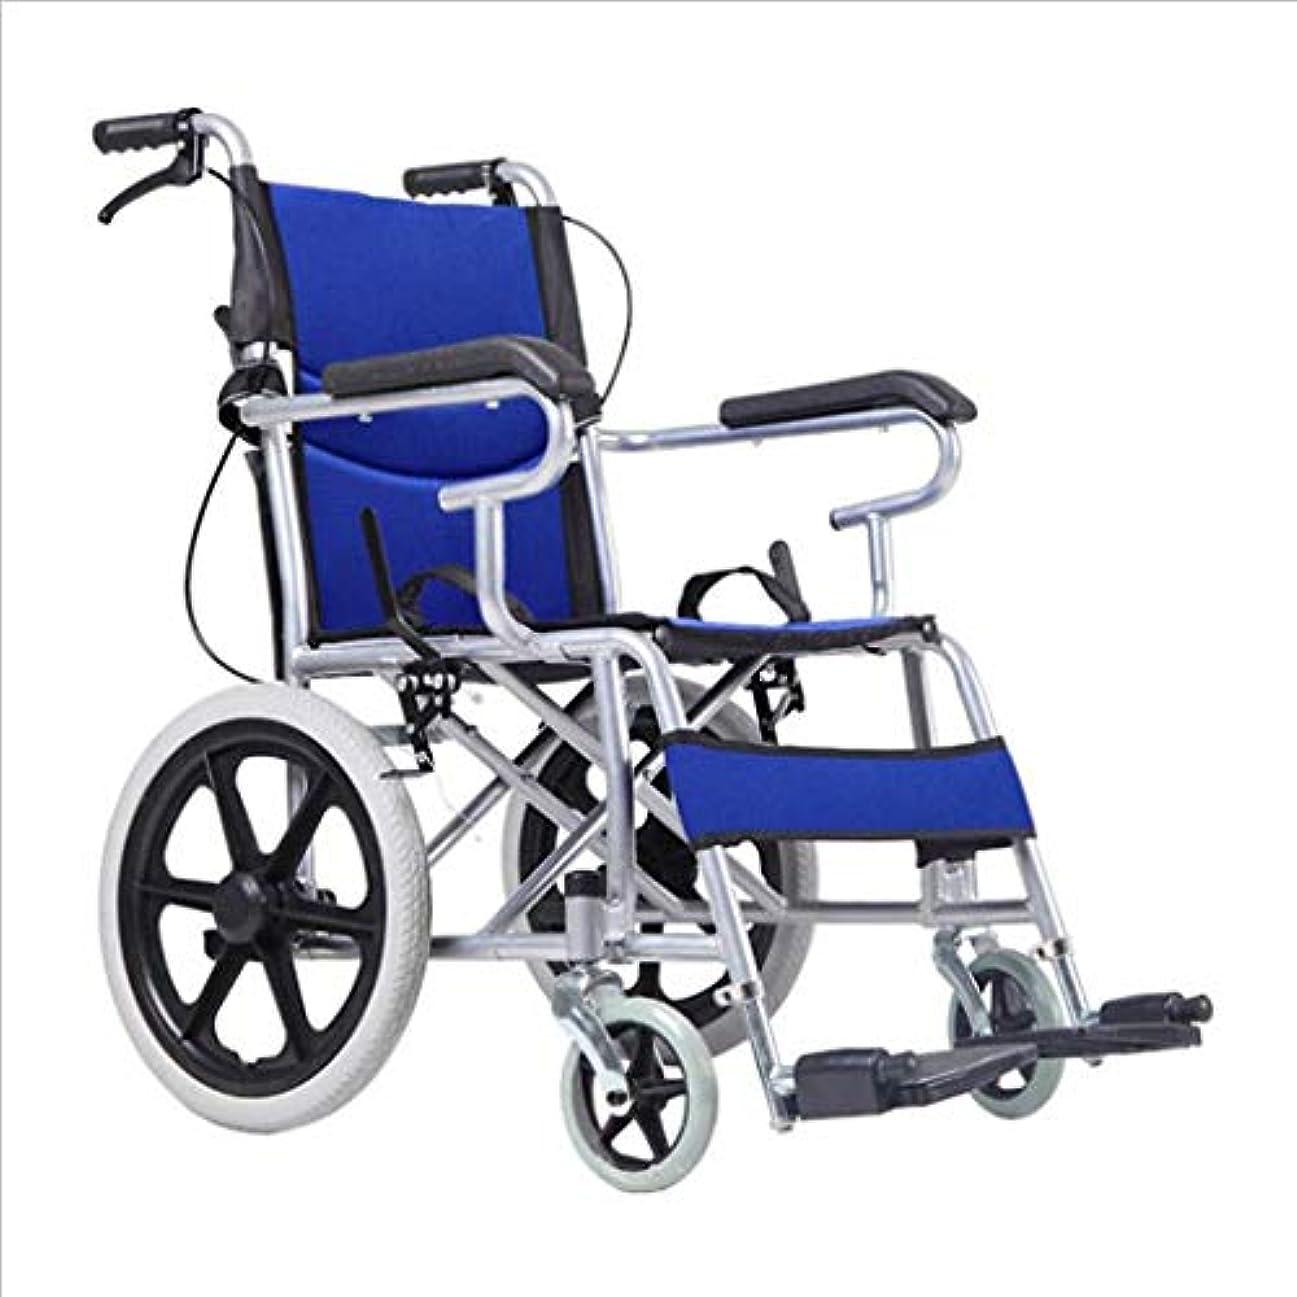 ロッド冷笑する引退する車椅子折り畳み式ソリッドタイヤ軽量でインフレータブルフリー高齢者身体障害者旅行折り畳み式折り畳み式車椅子